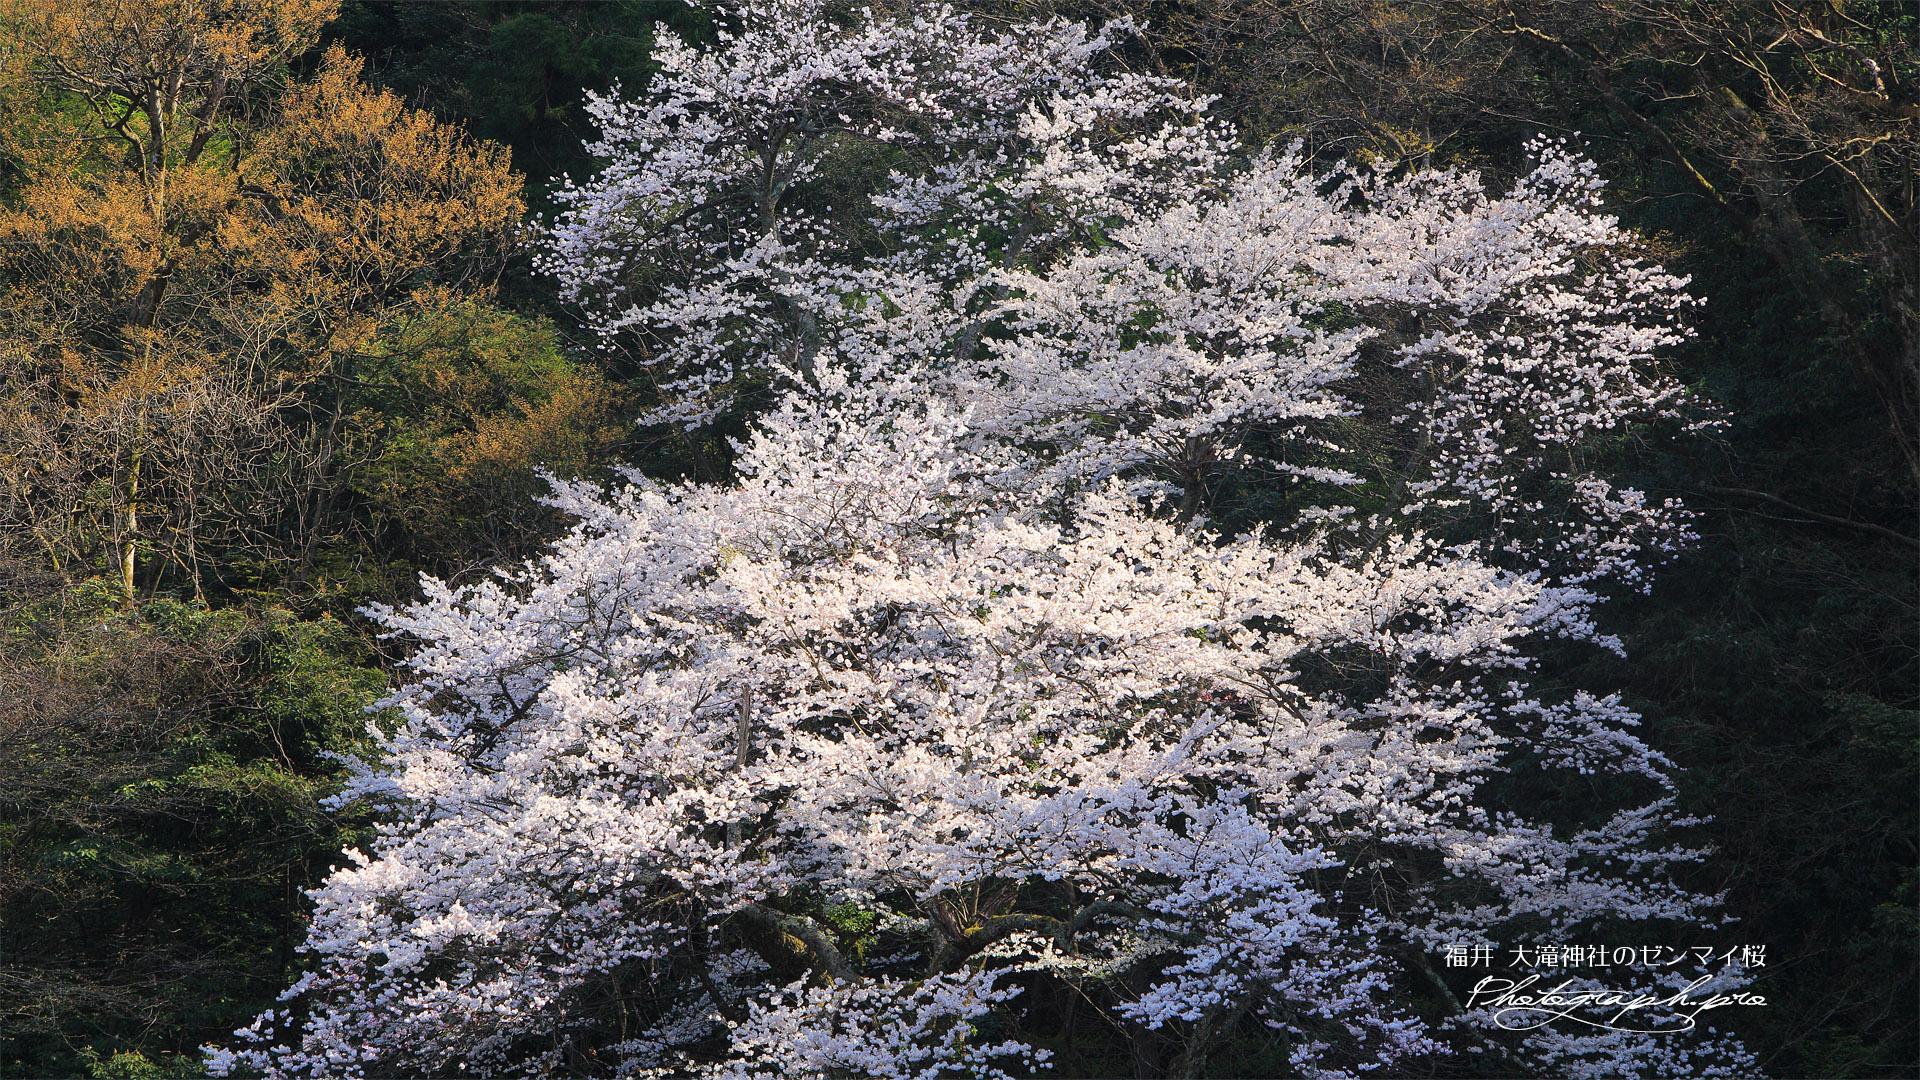 大滝神社のゼンマイサクラ